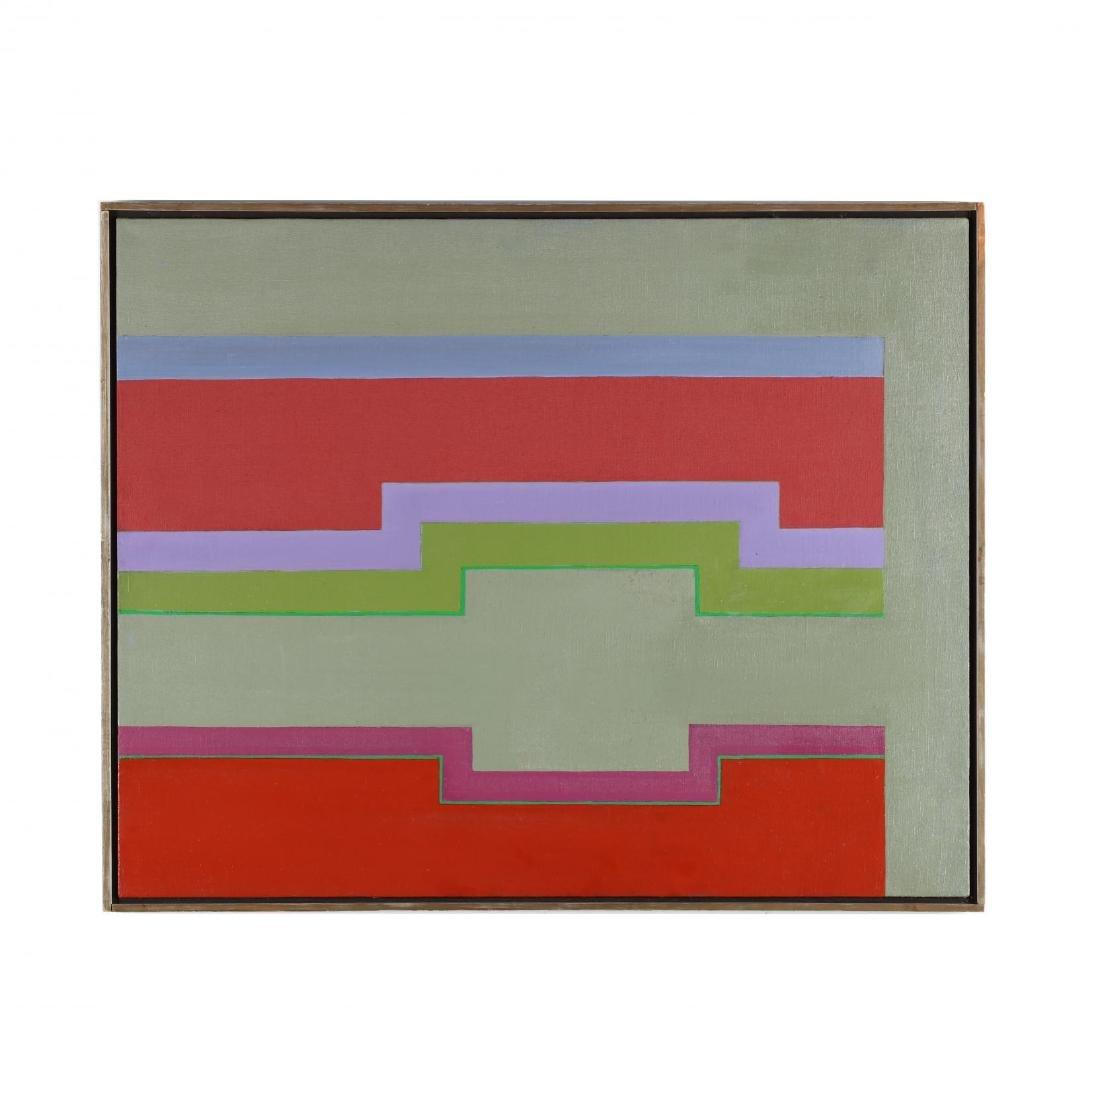 George Bireline (NC, 1923-2002), Untitled